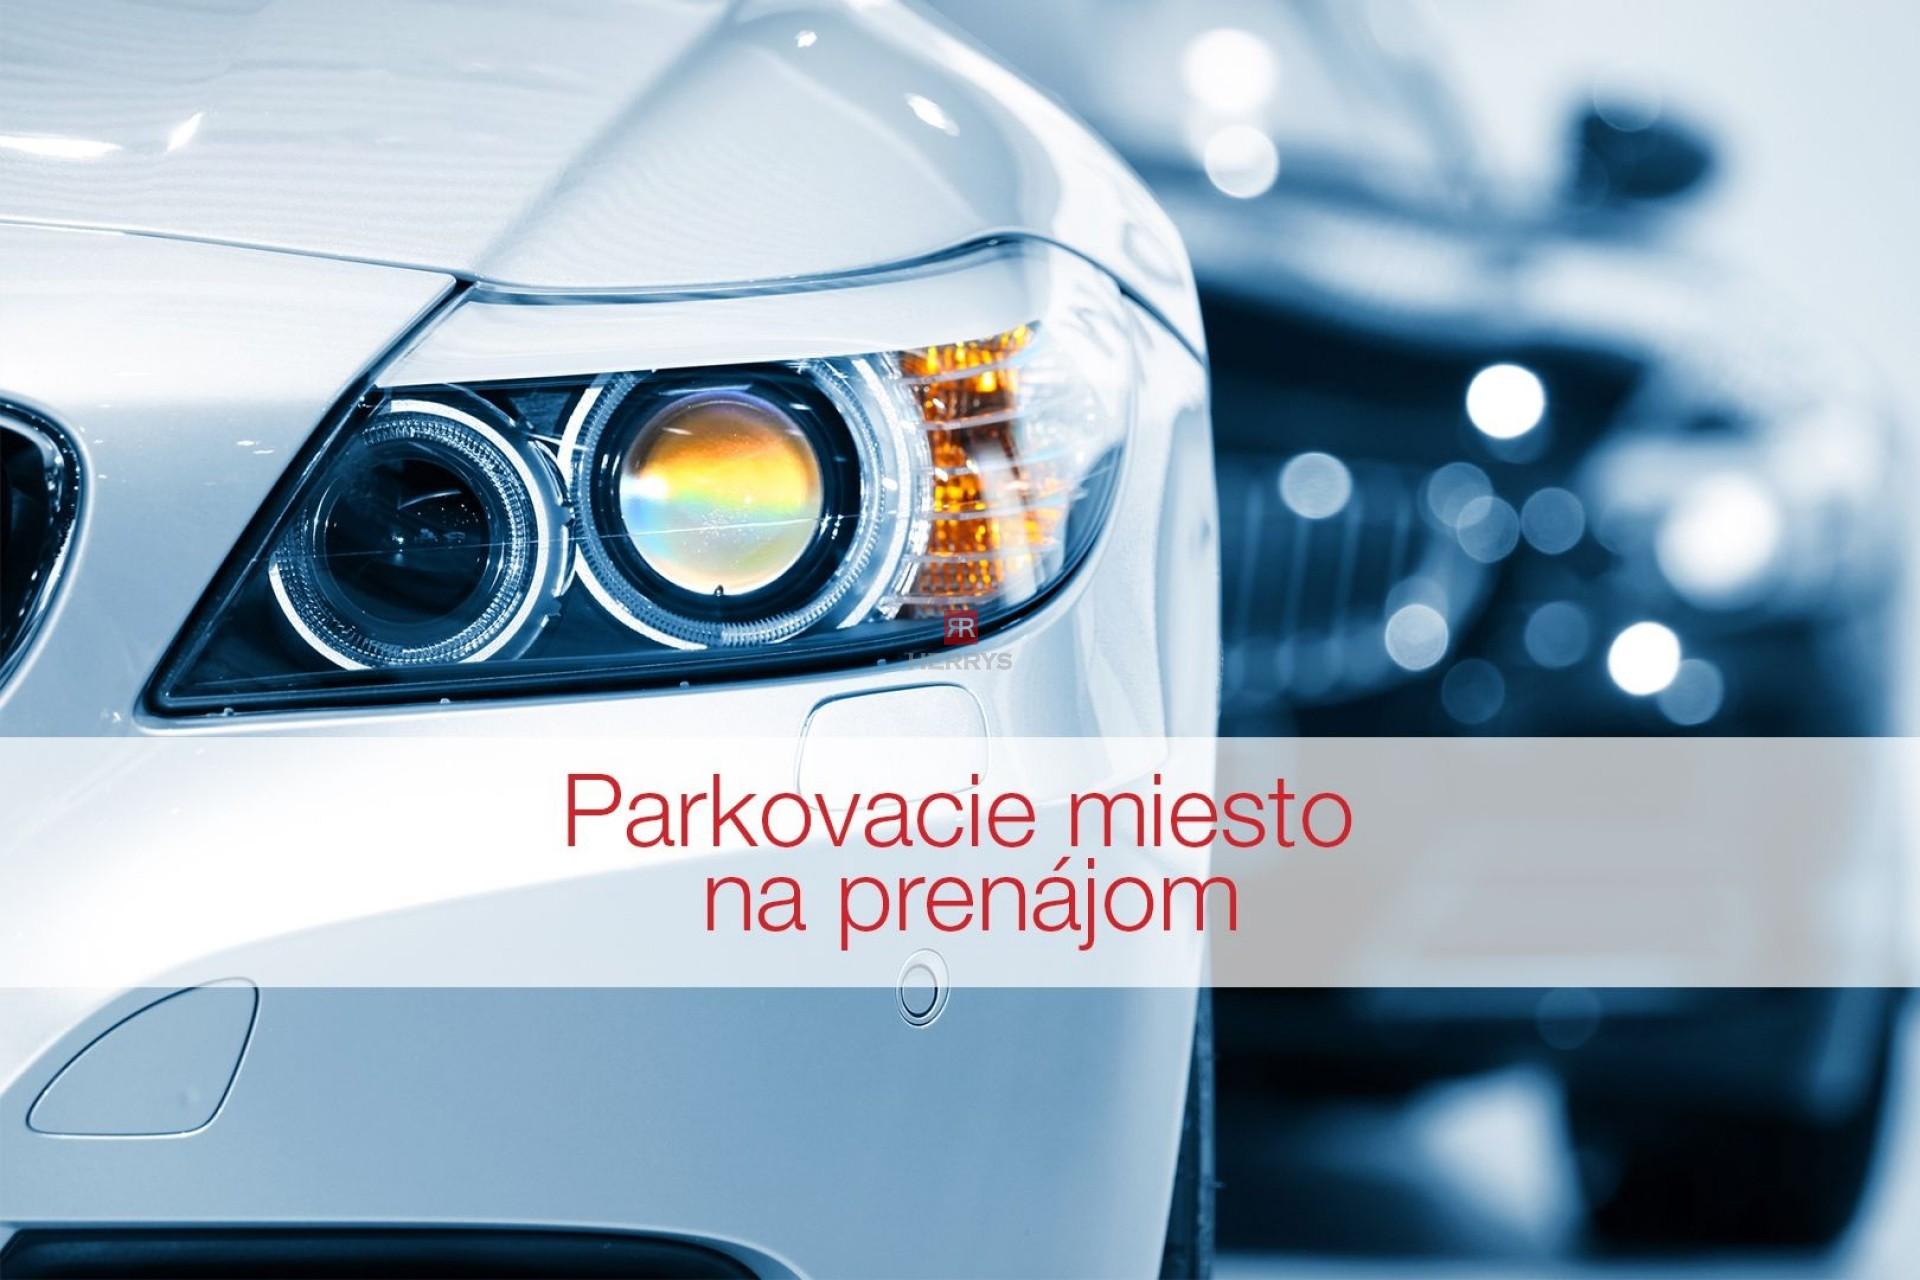 HERRYS - Na prenájom parkovacie státia v Panorama City